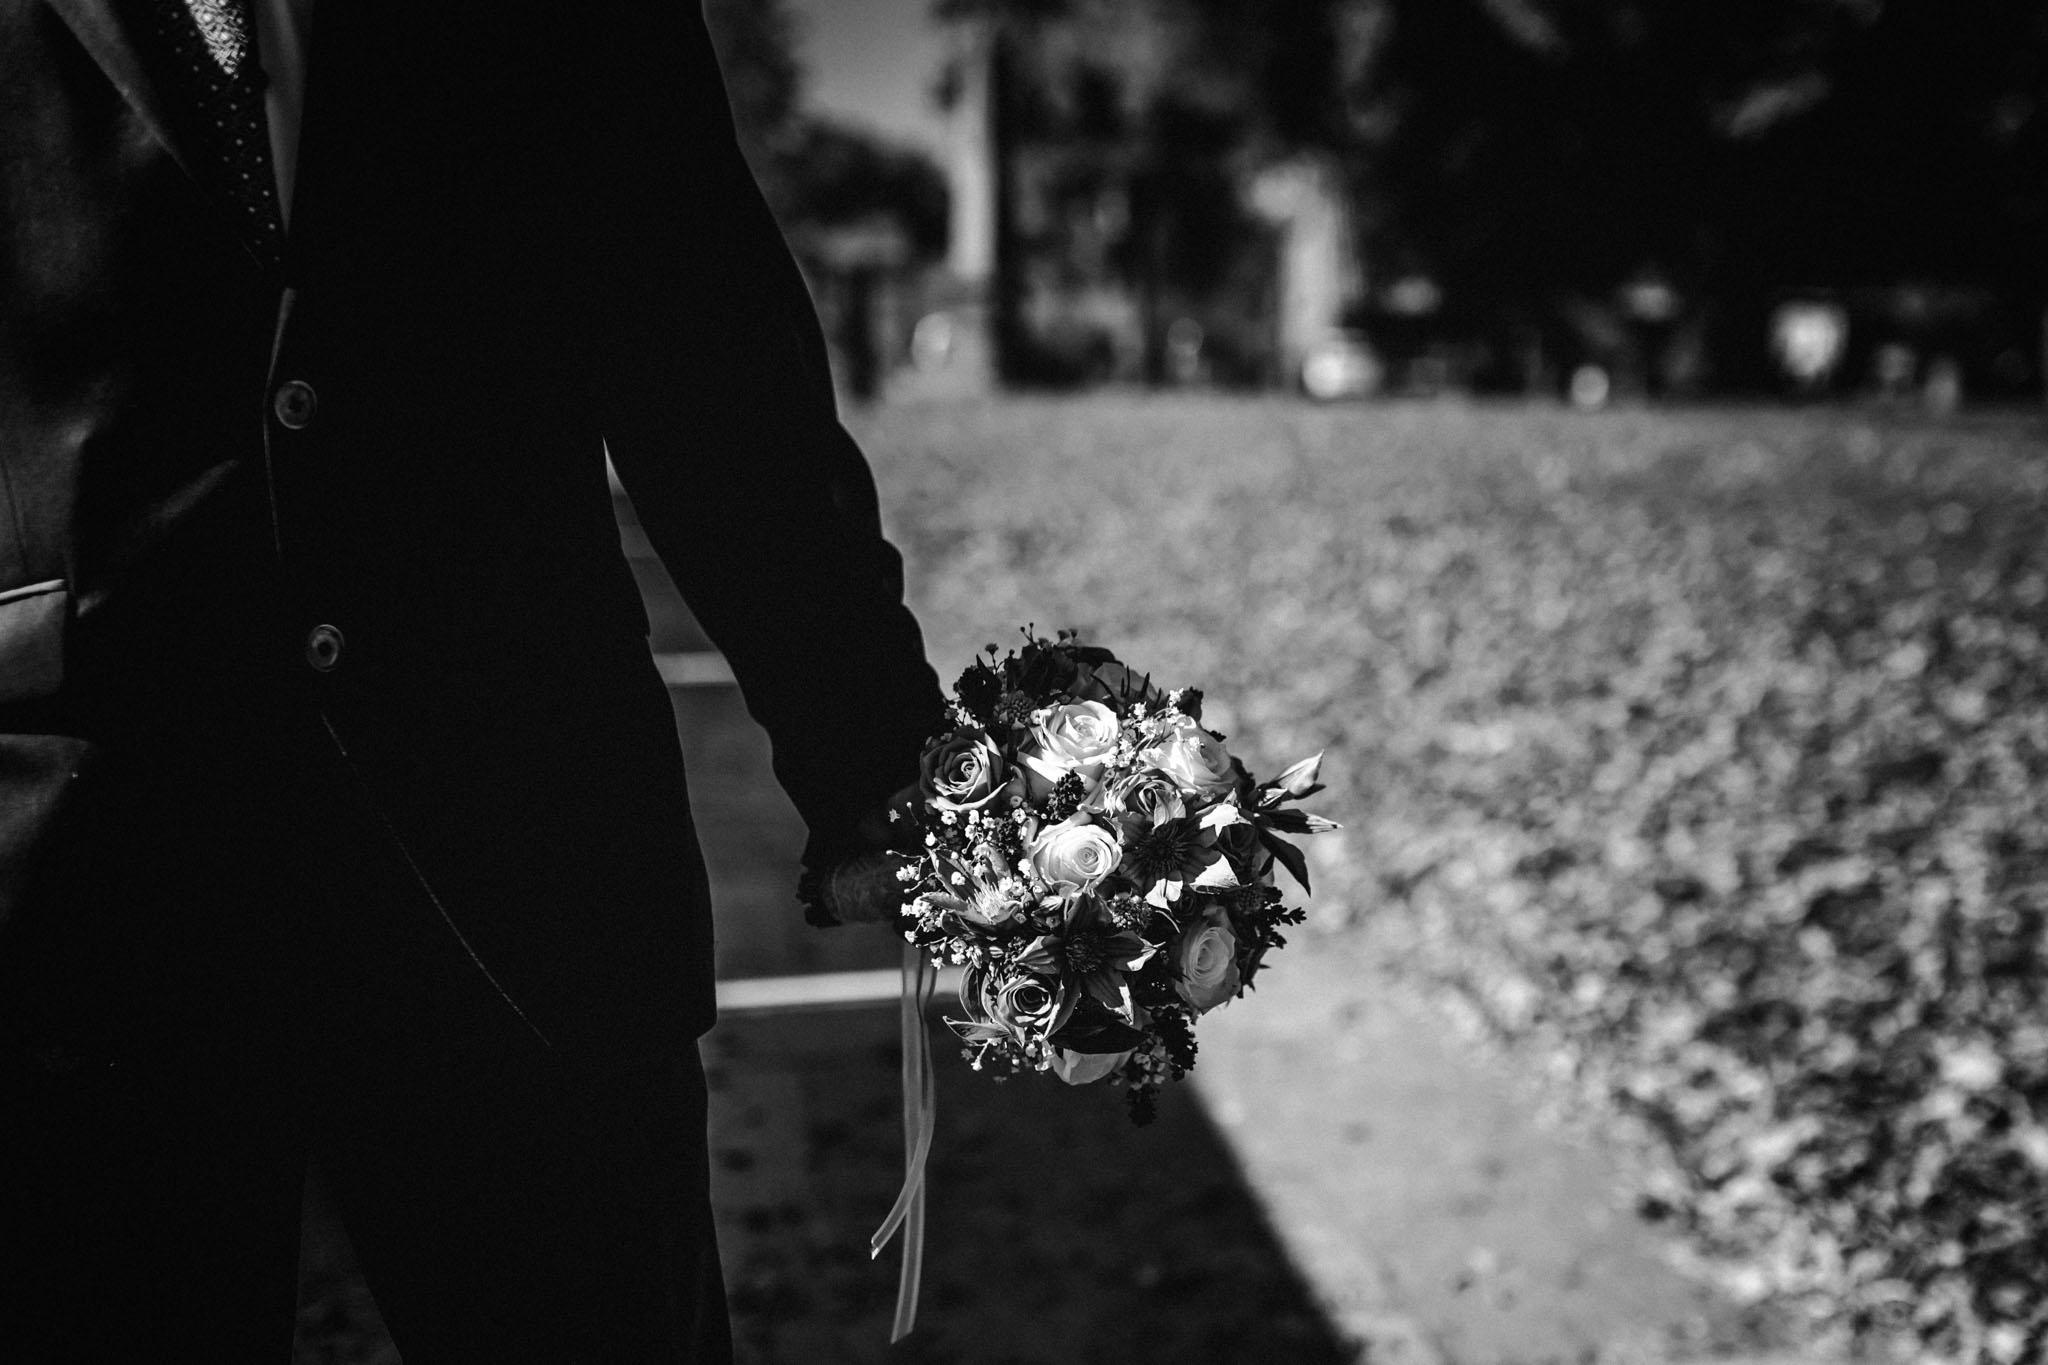 Hochzeitsfieber by Photo-Schomburg, Hochzeitsfotograf, Hamburg,Hochzeitstag, Hochzeitspaar, Braut, Bräutigam, Literaturhauscafe Zarrentin-8